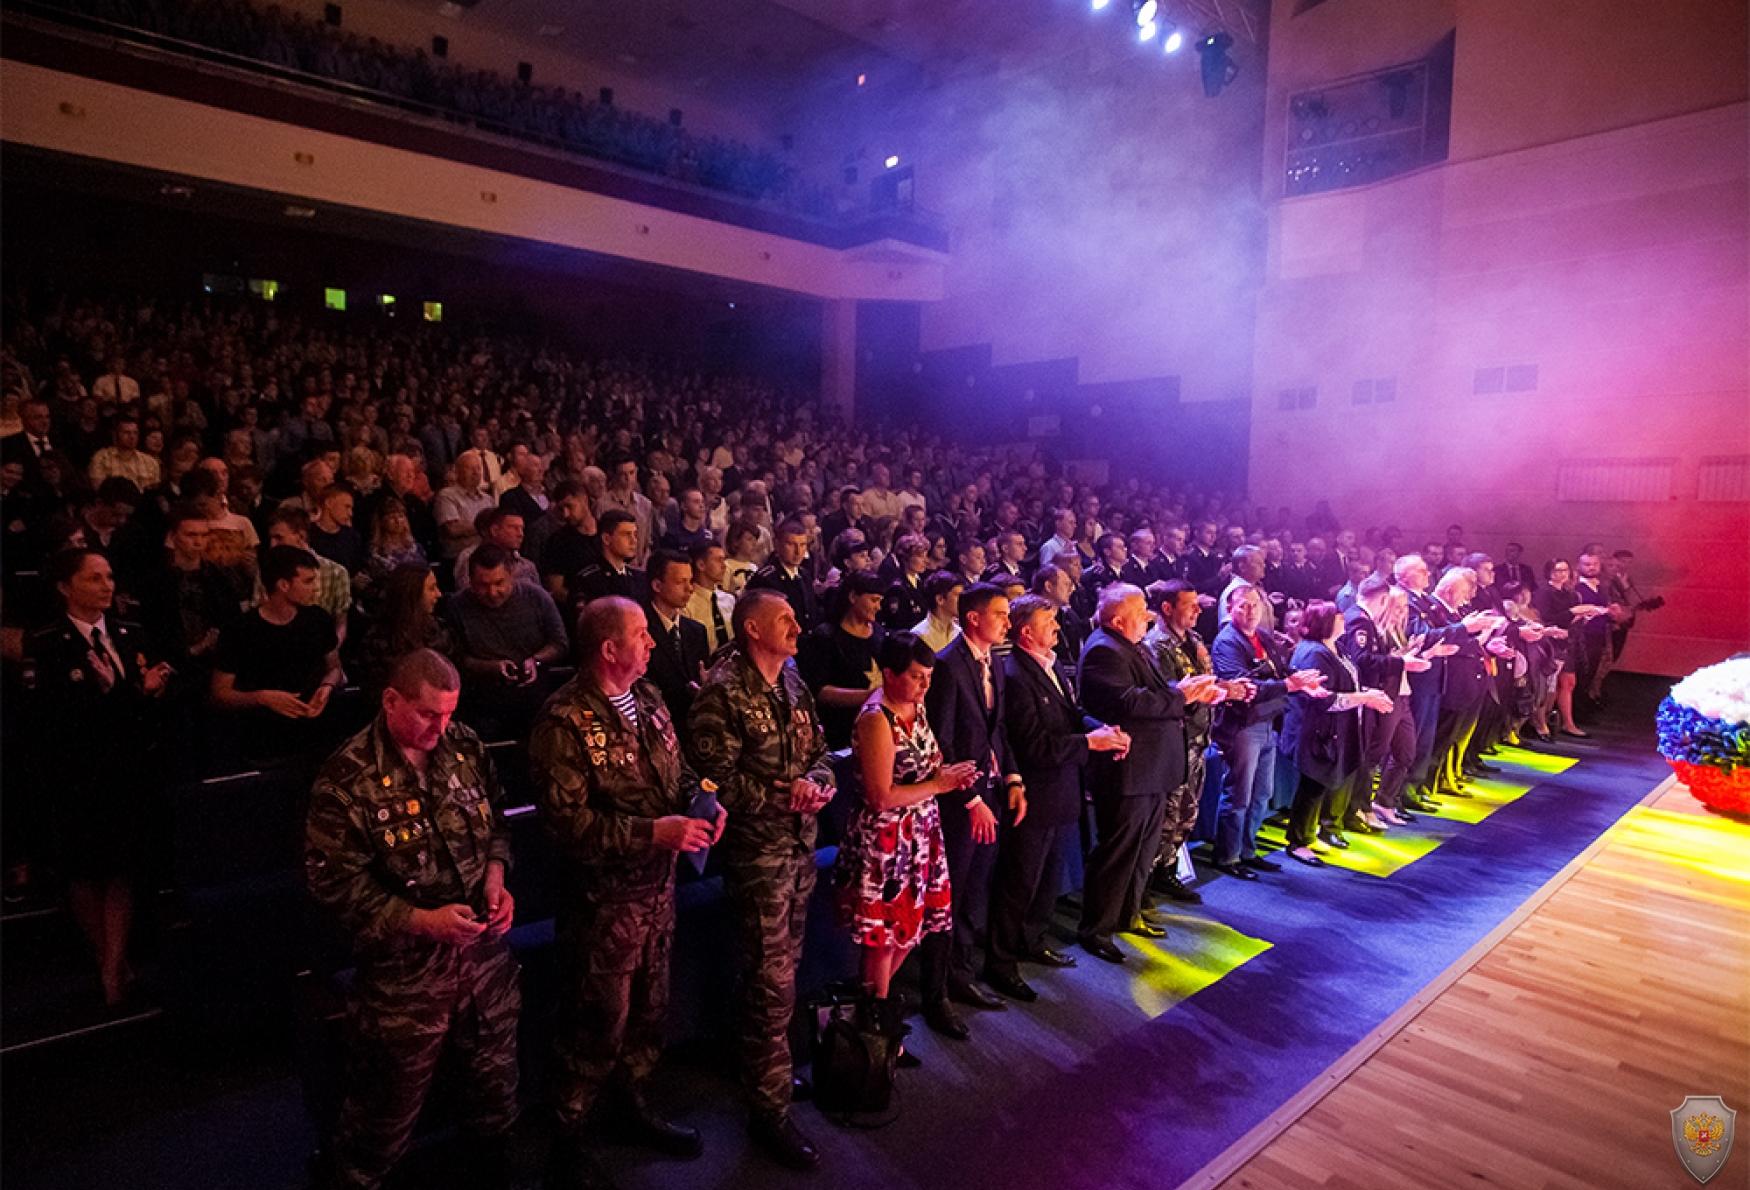 Концертный зал Калининградского пограничного института ФСБ России